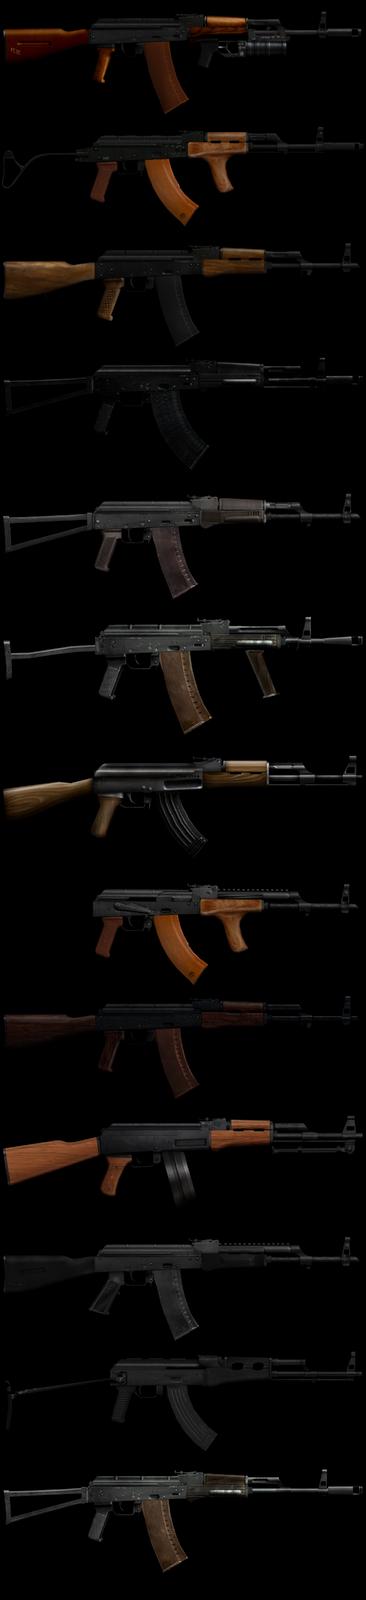 baixar pack de armas ak47 em alta definição